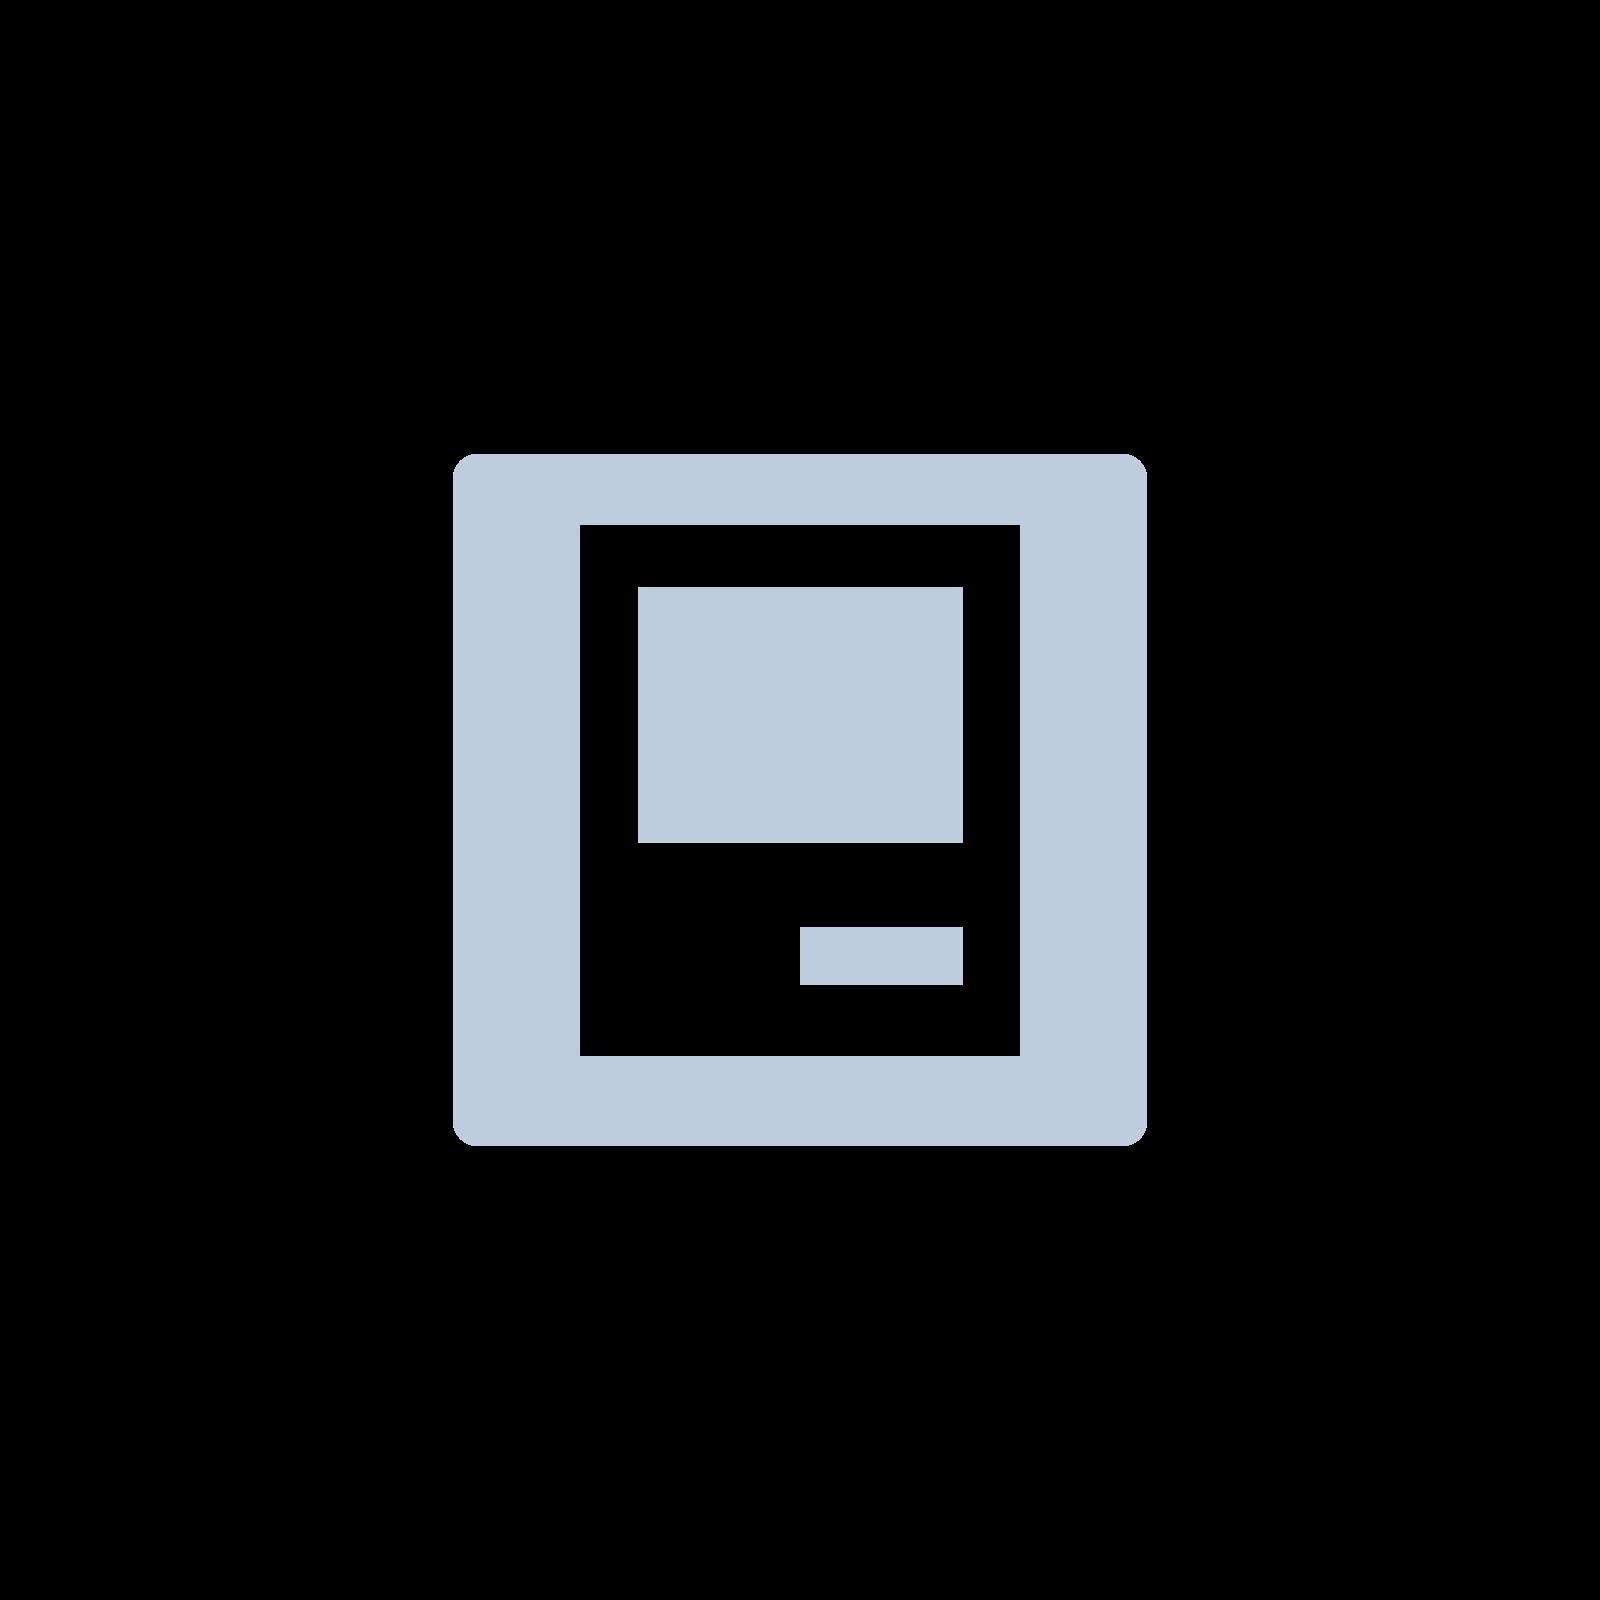 Mac mini Core i5 2.3 GHz (MacMini5,1, 500GB HDD, 2GB)